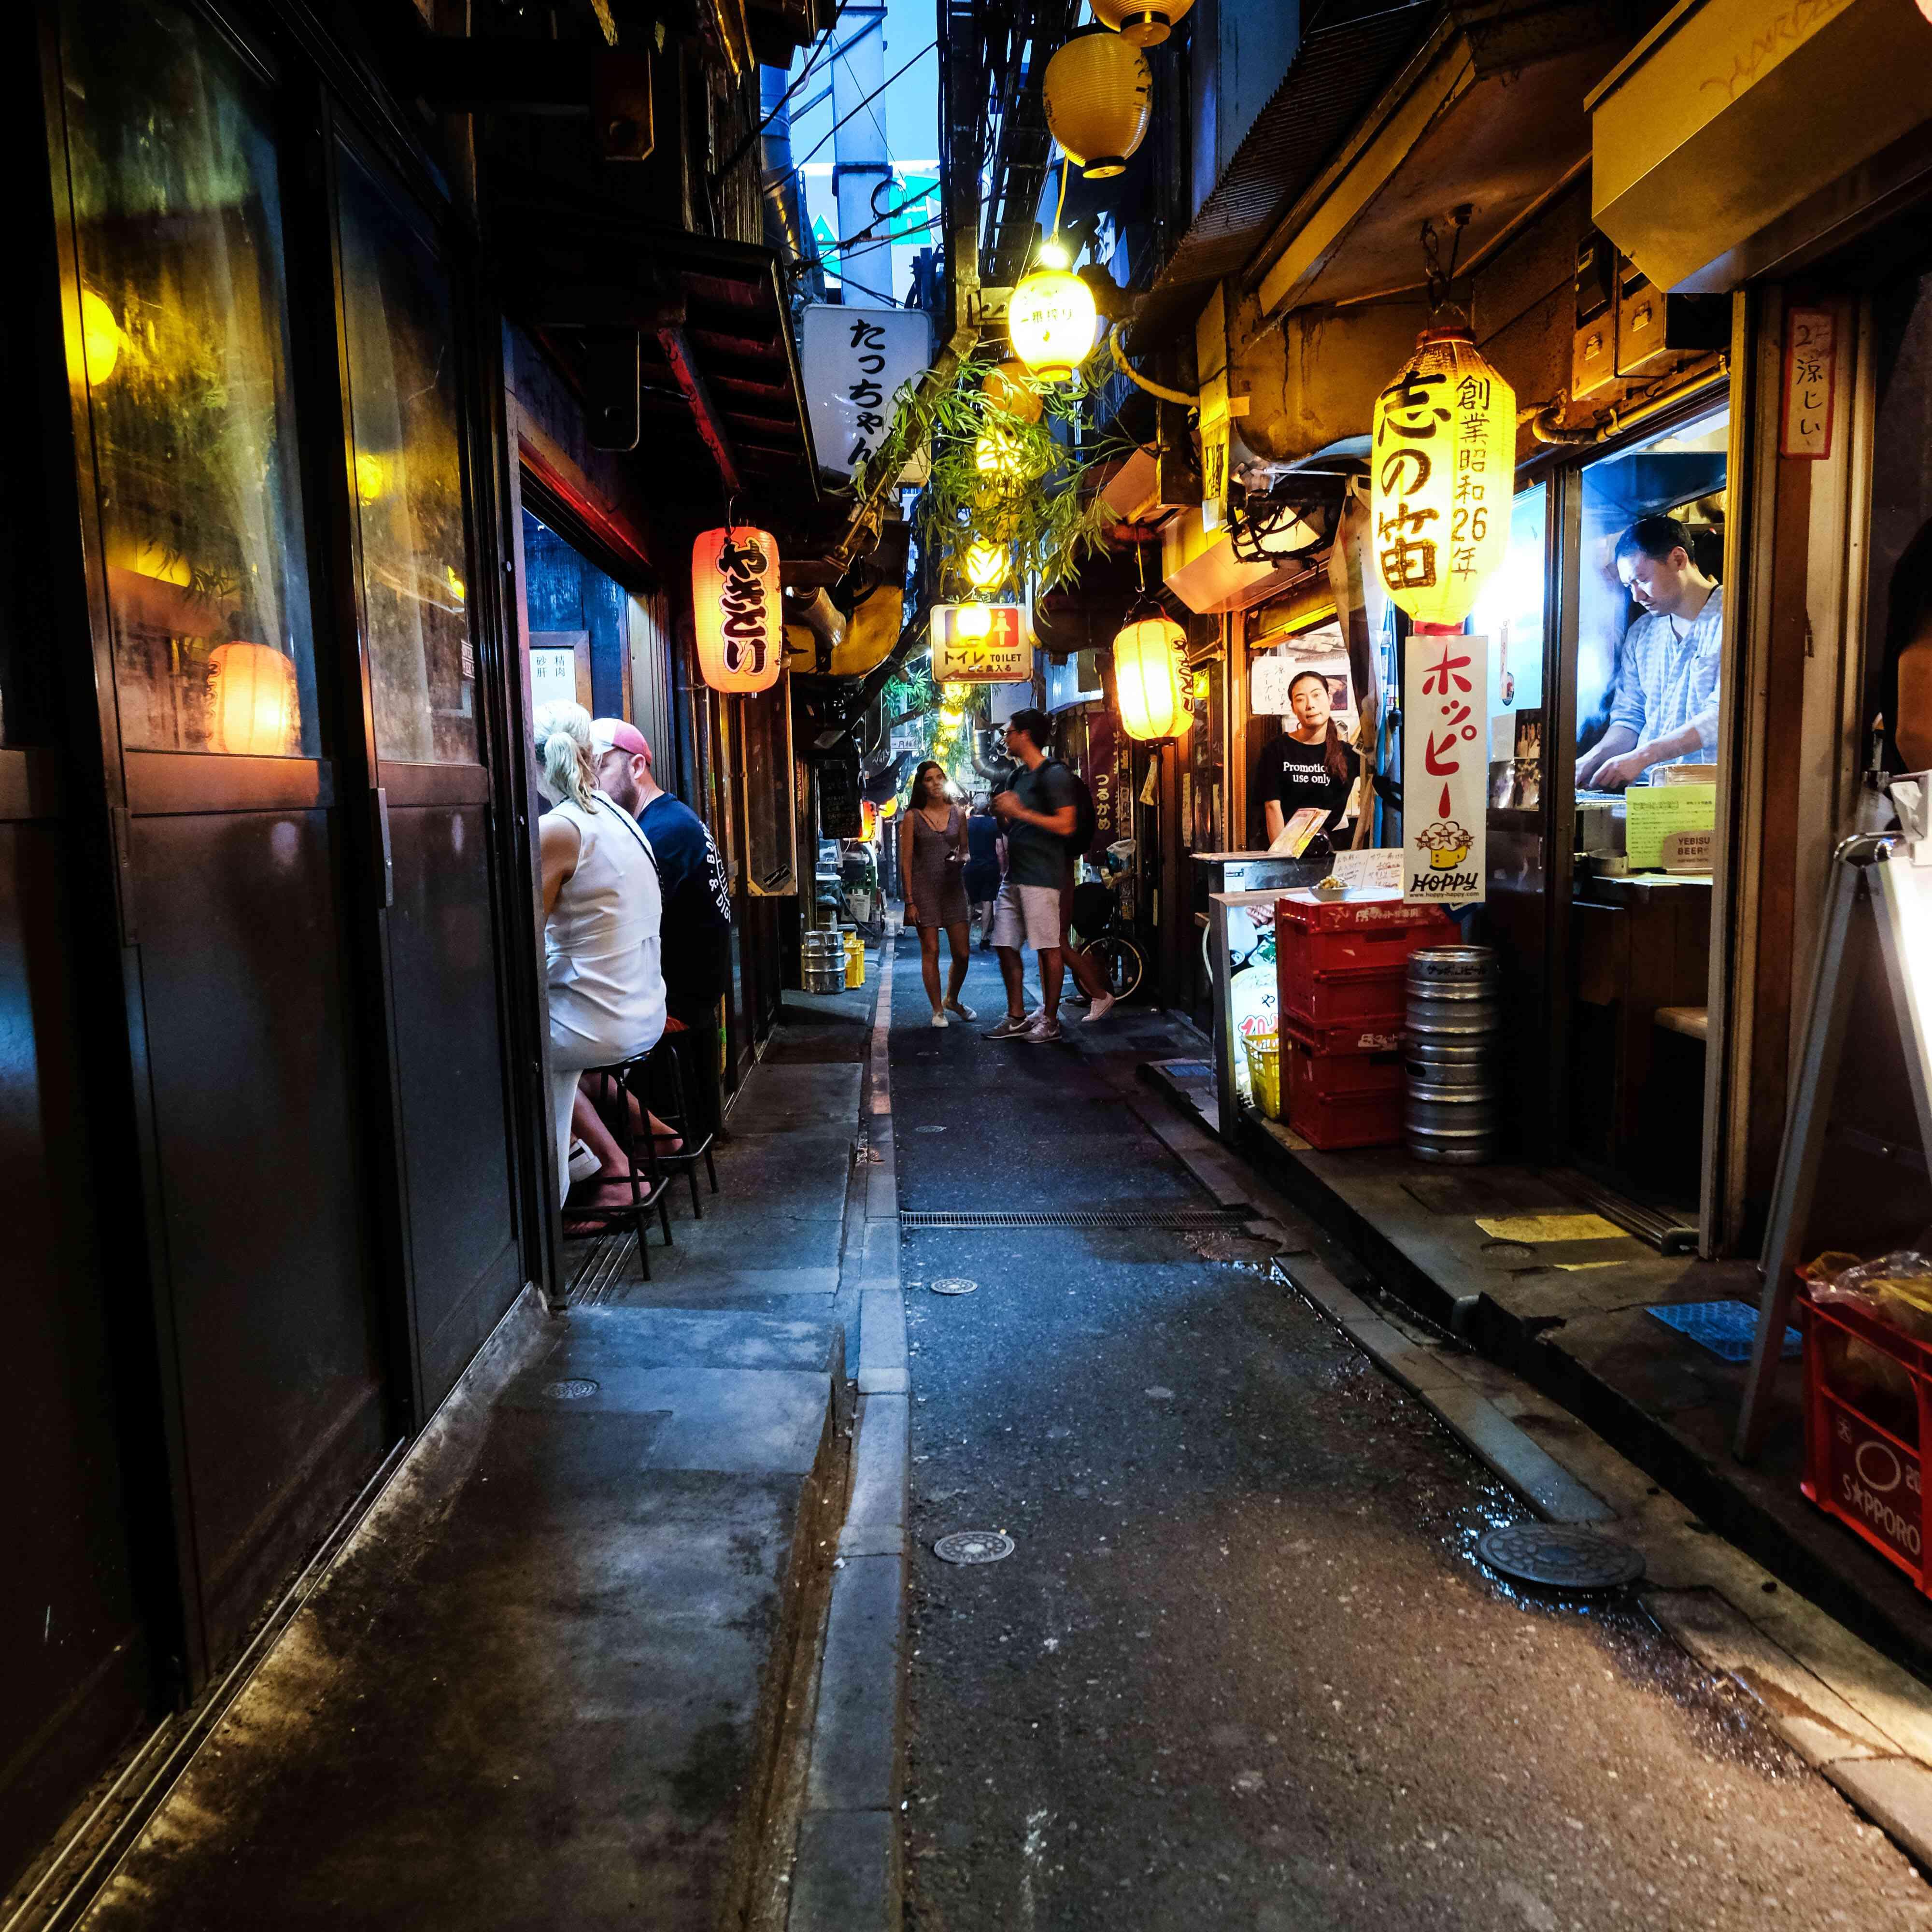 Alleyway in Memory Lane